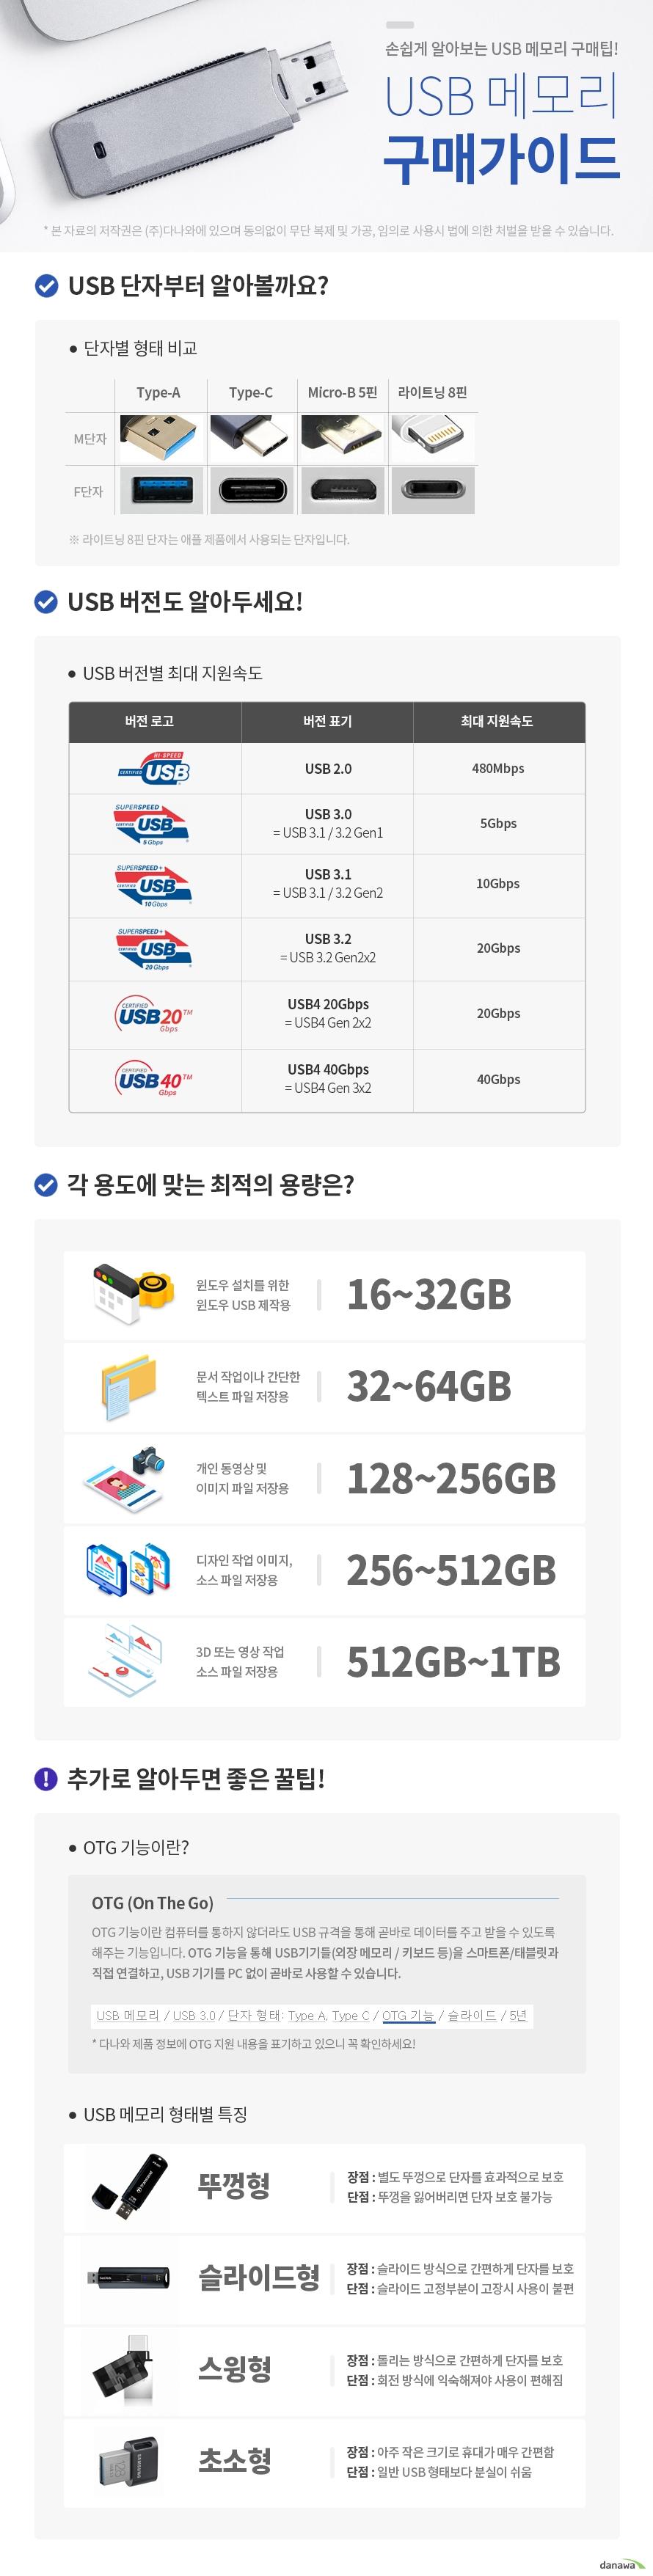 메모렛 스윙 USB UL700 (128GB)